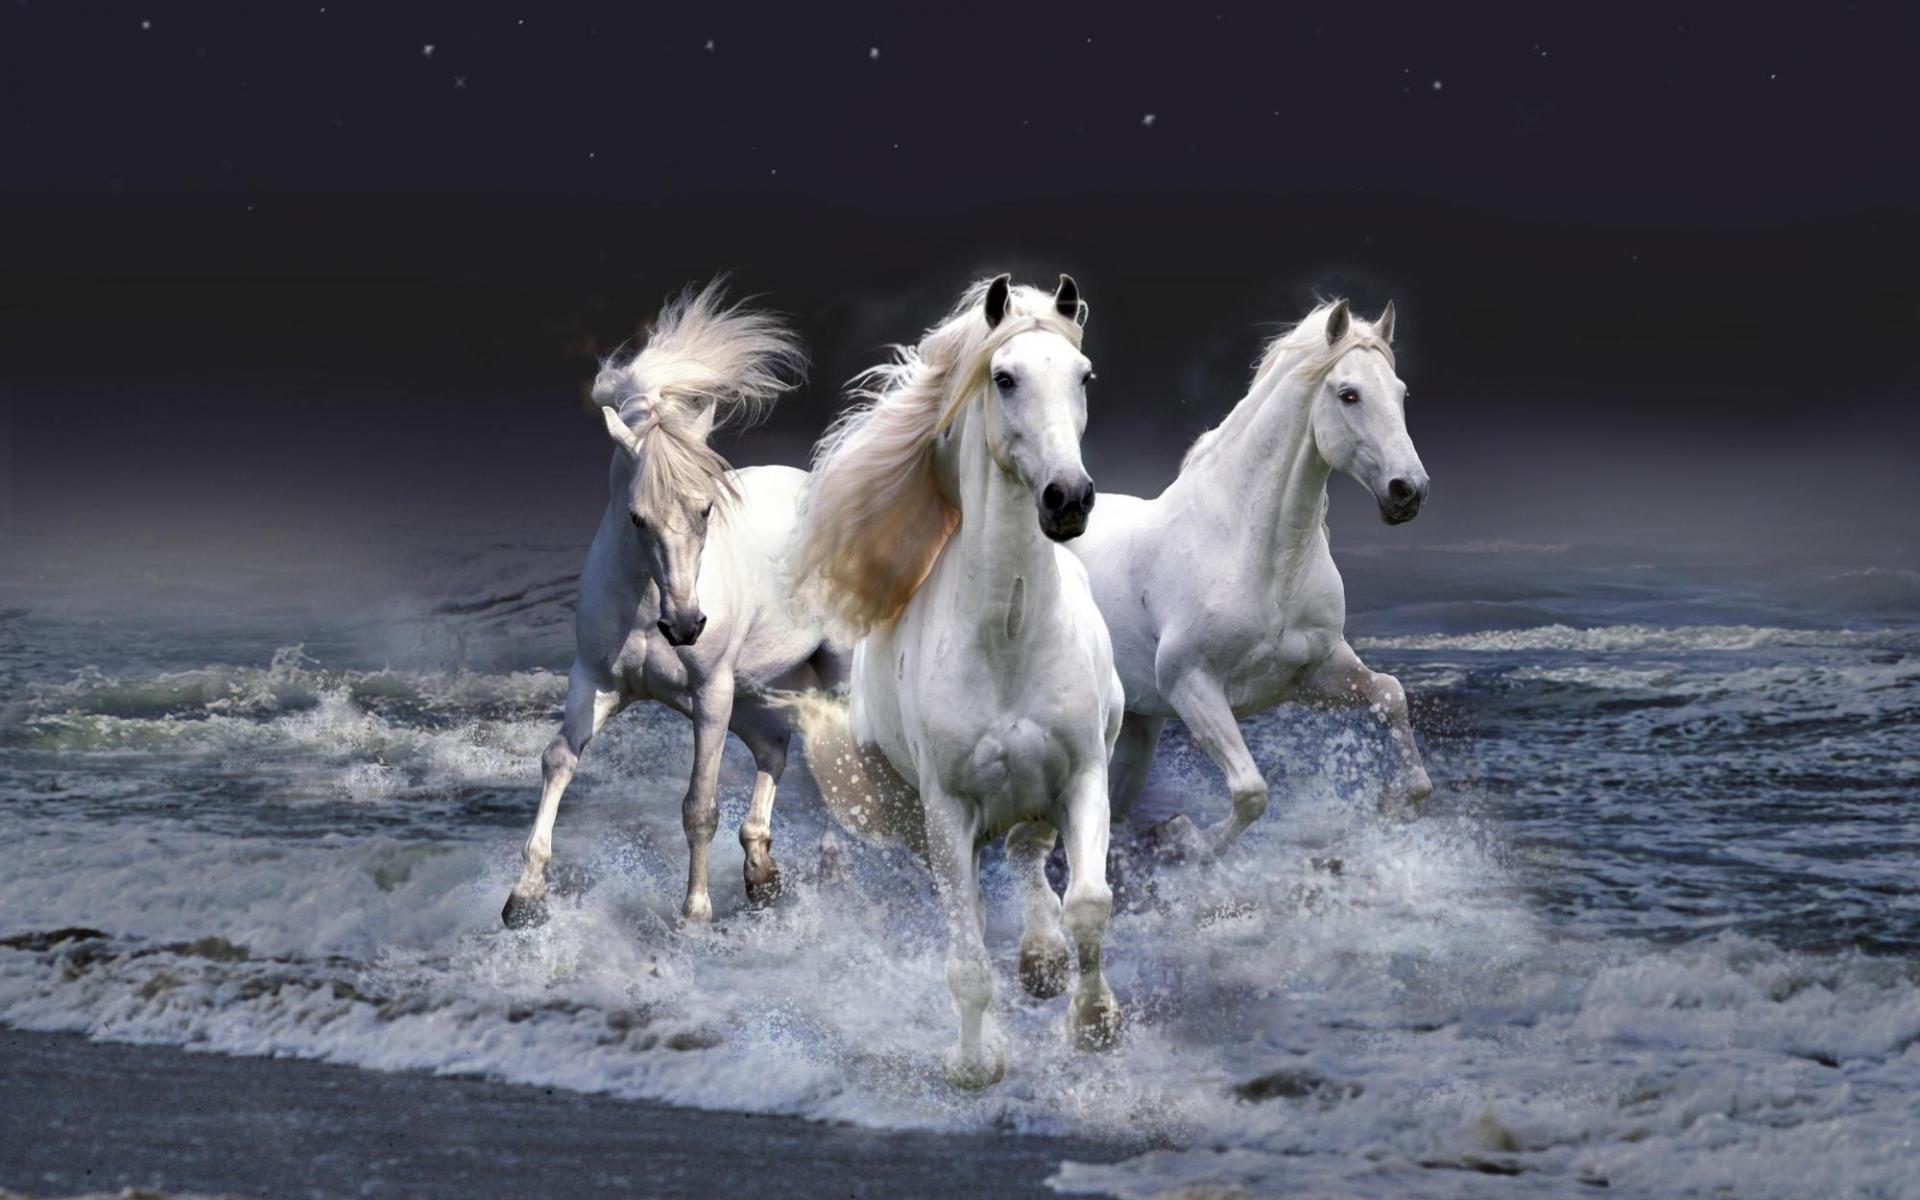 23573 скачать обои Животные, Лошади - заставки и картинки бесплатно